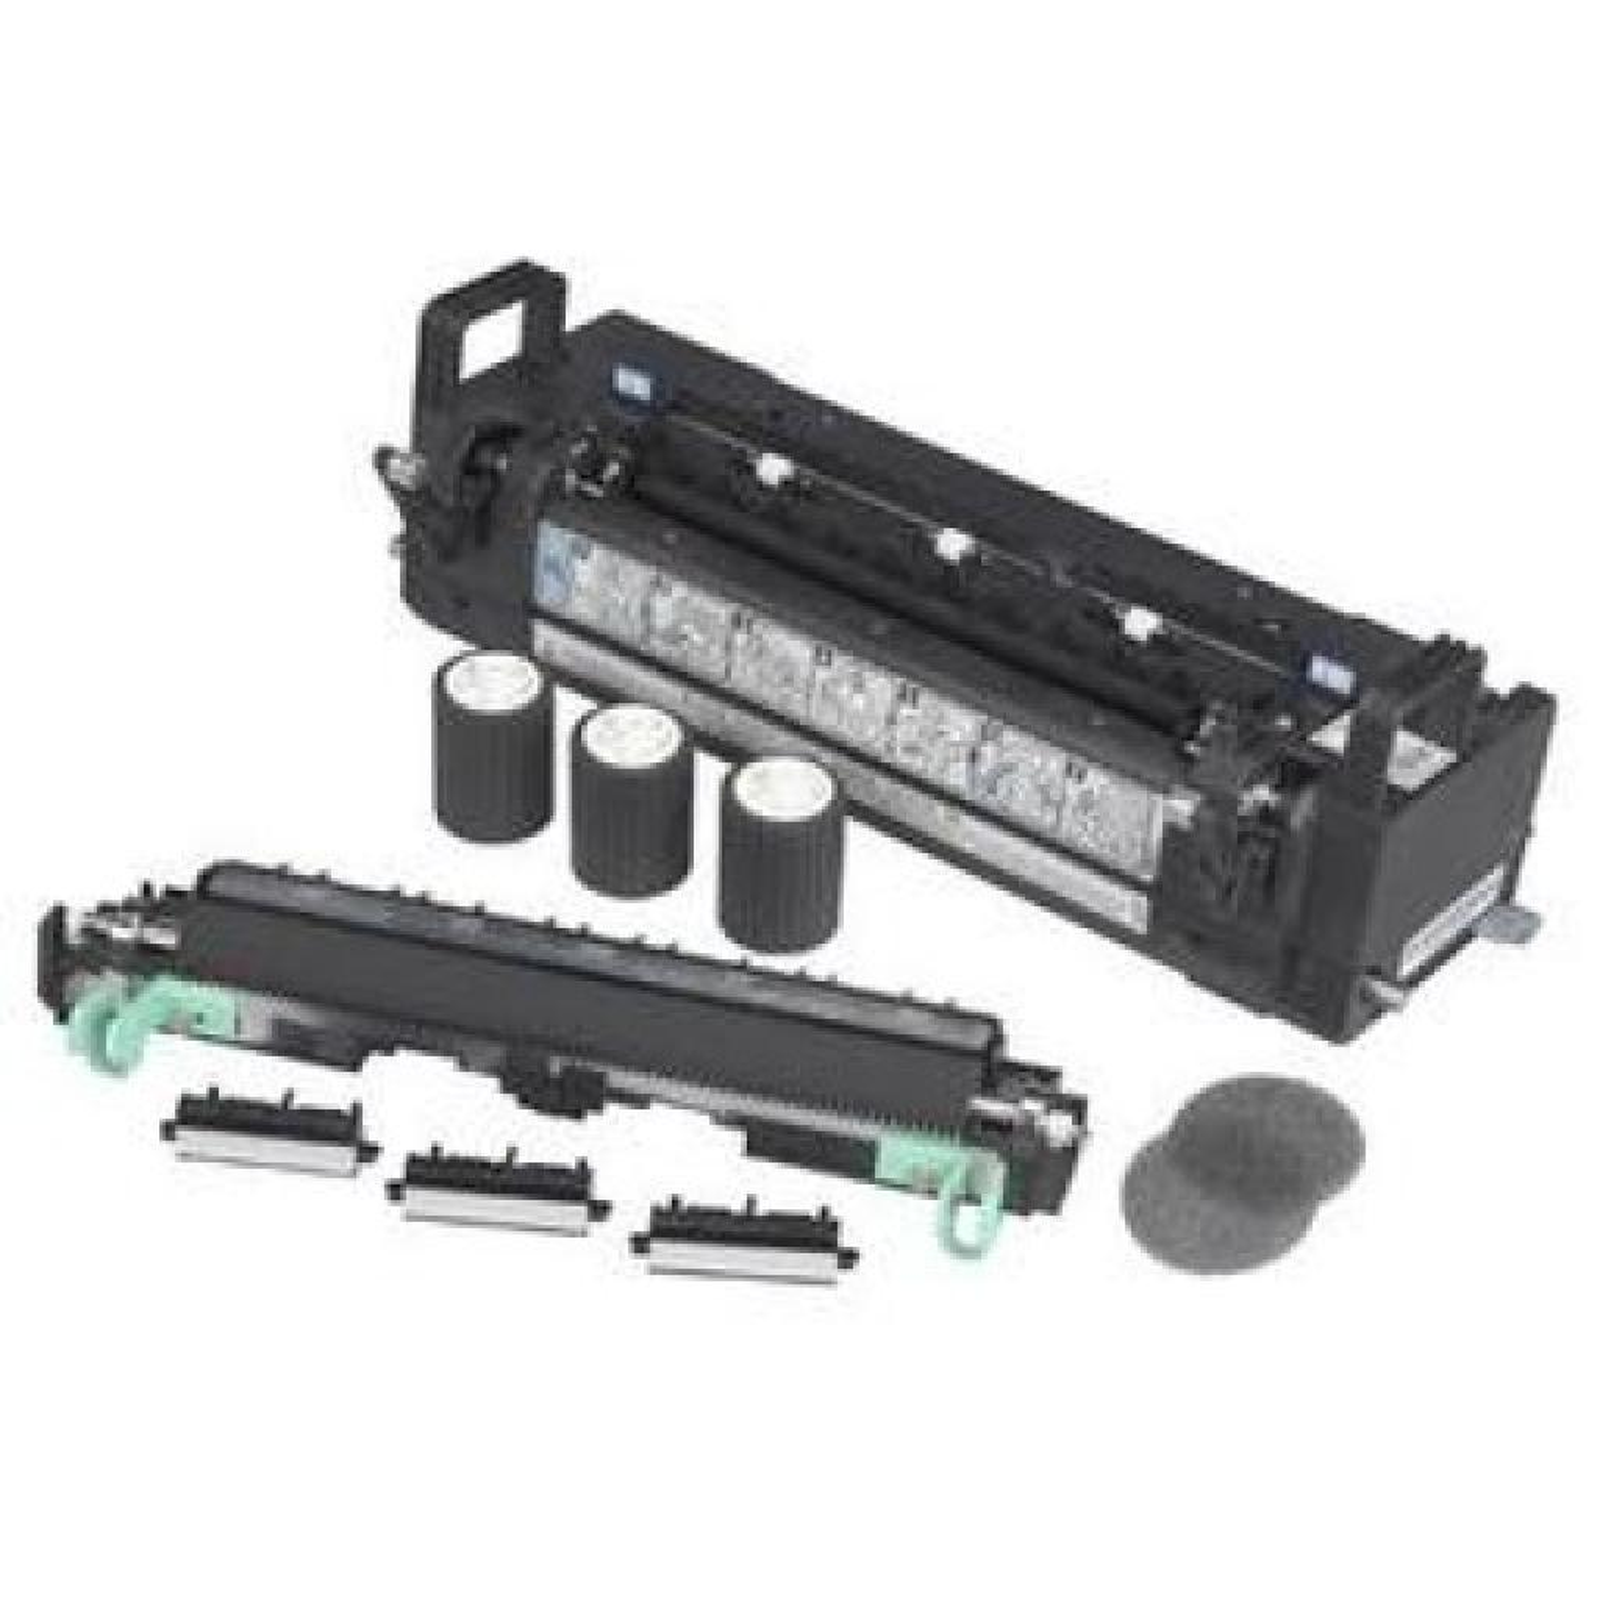 Ремкомплект Ricoh SP5200/SP5210 (406687/MAINTSP5200)